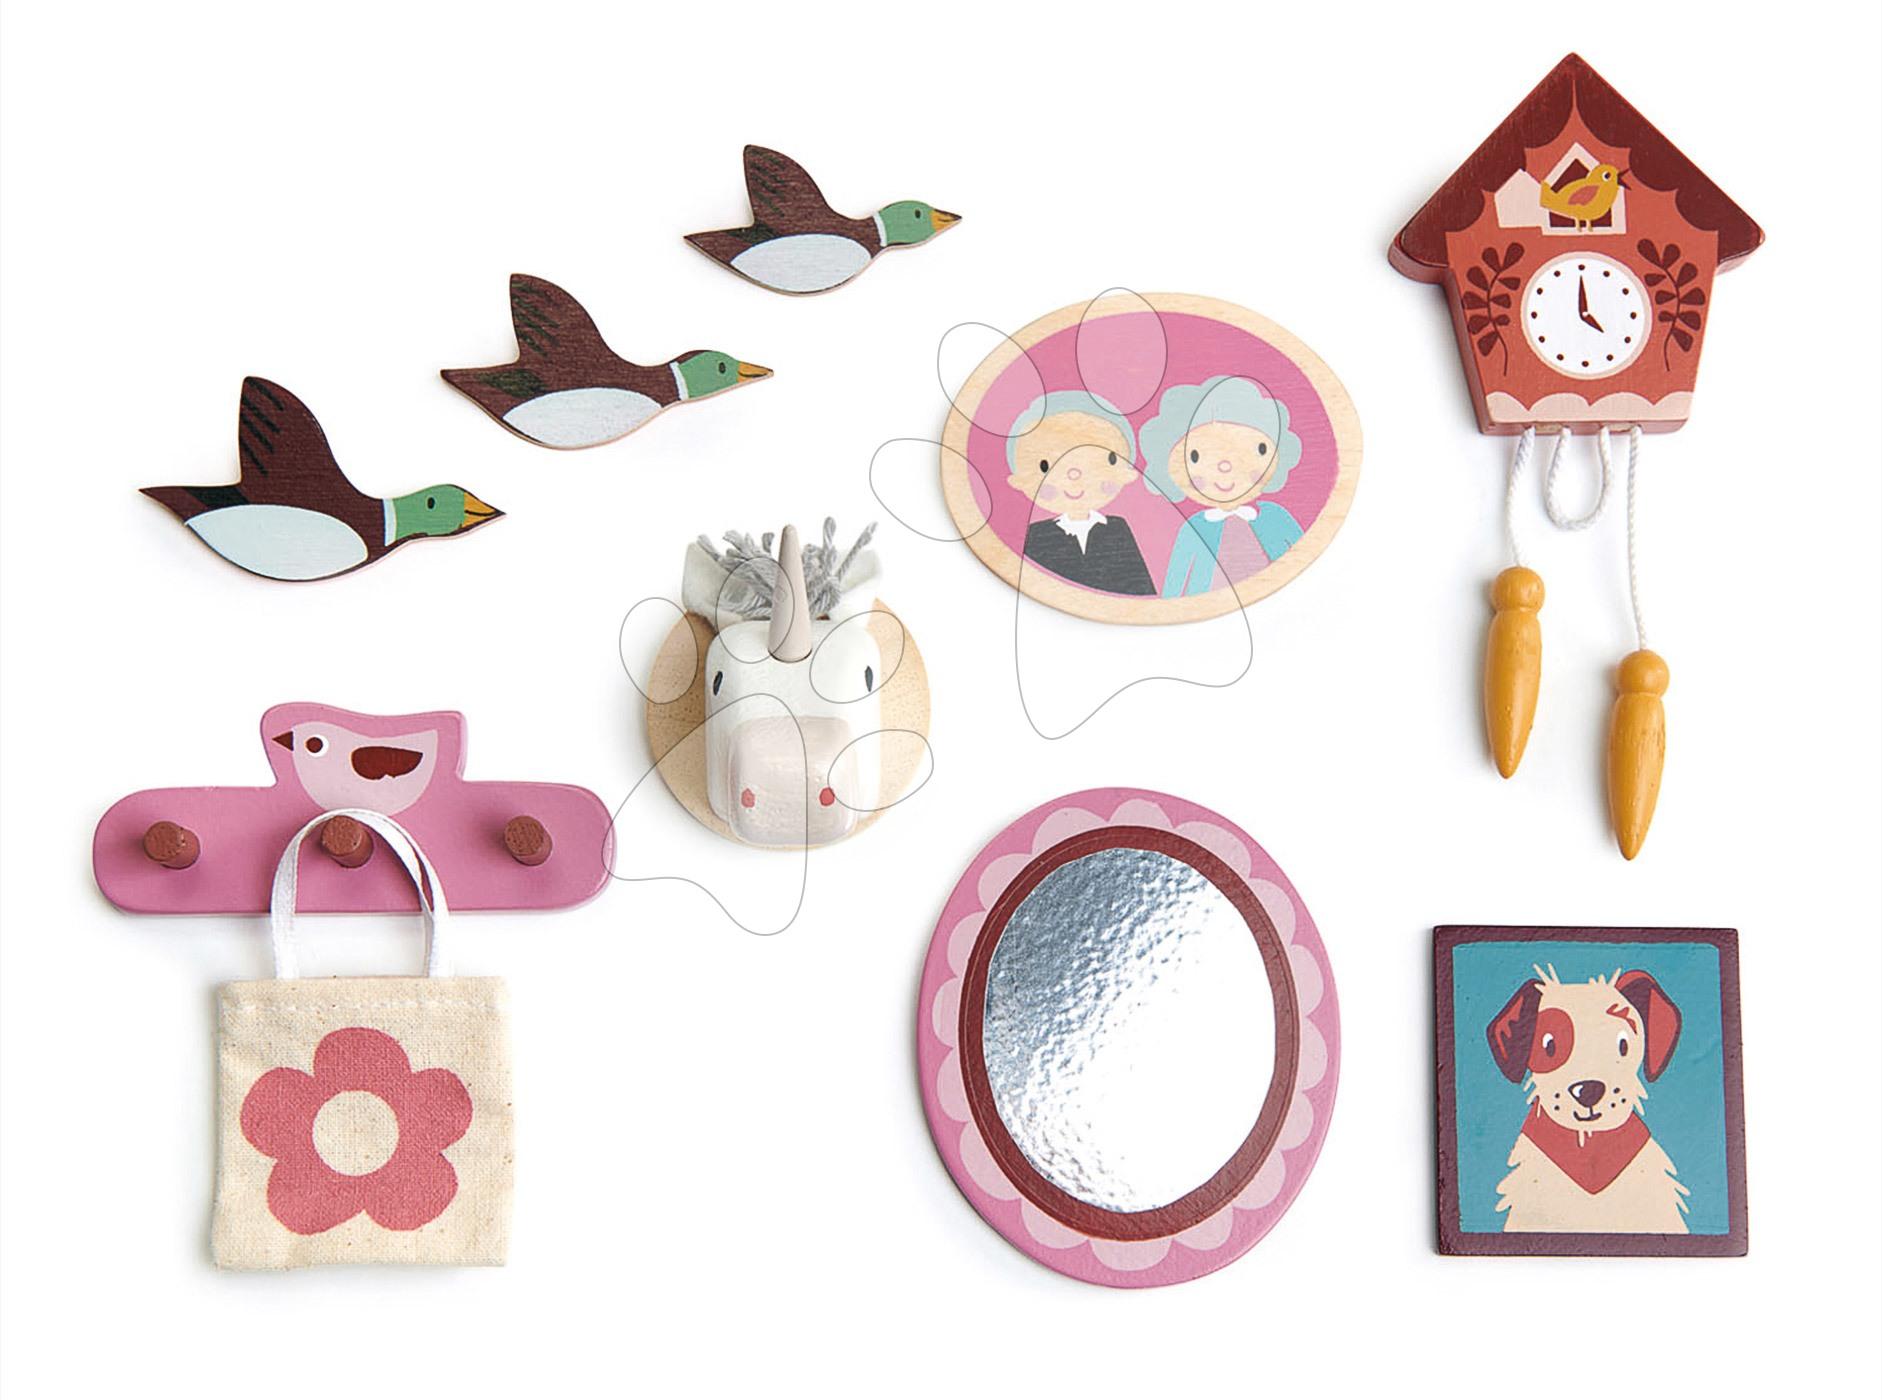 Drevené dekorácie na stenu Wall Décor Tender Leaf Toys k domčeku pre bábiku 10 druhov